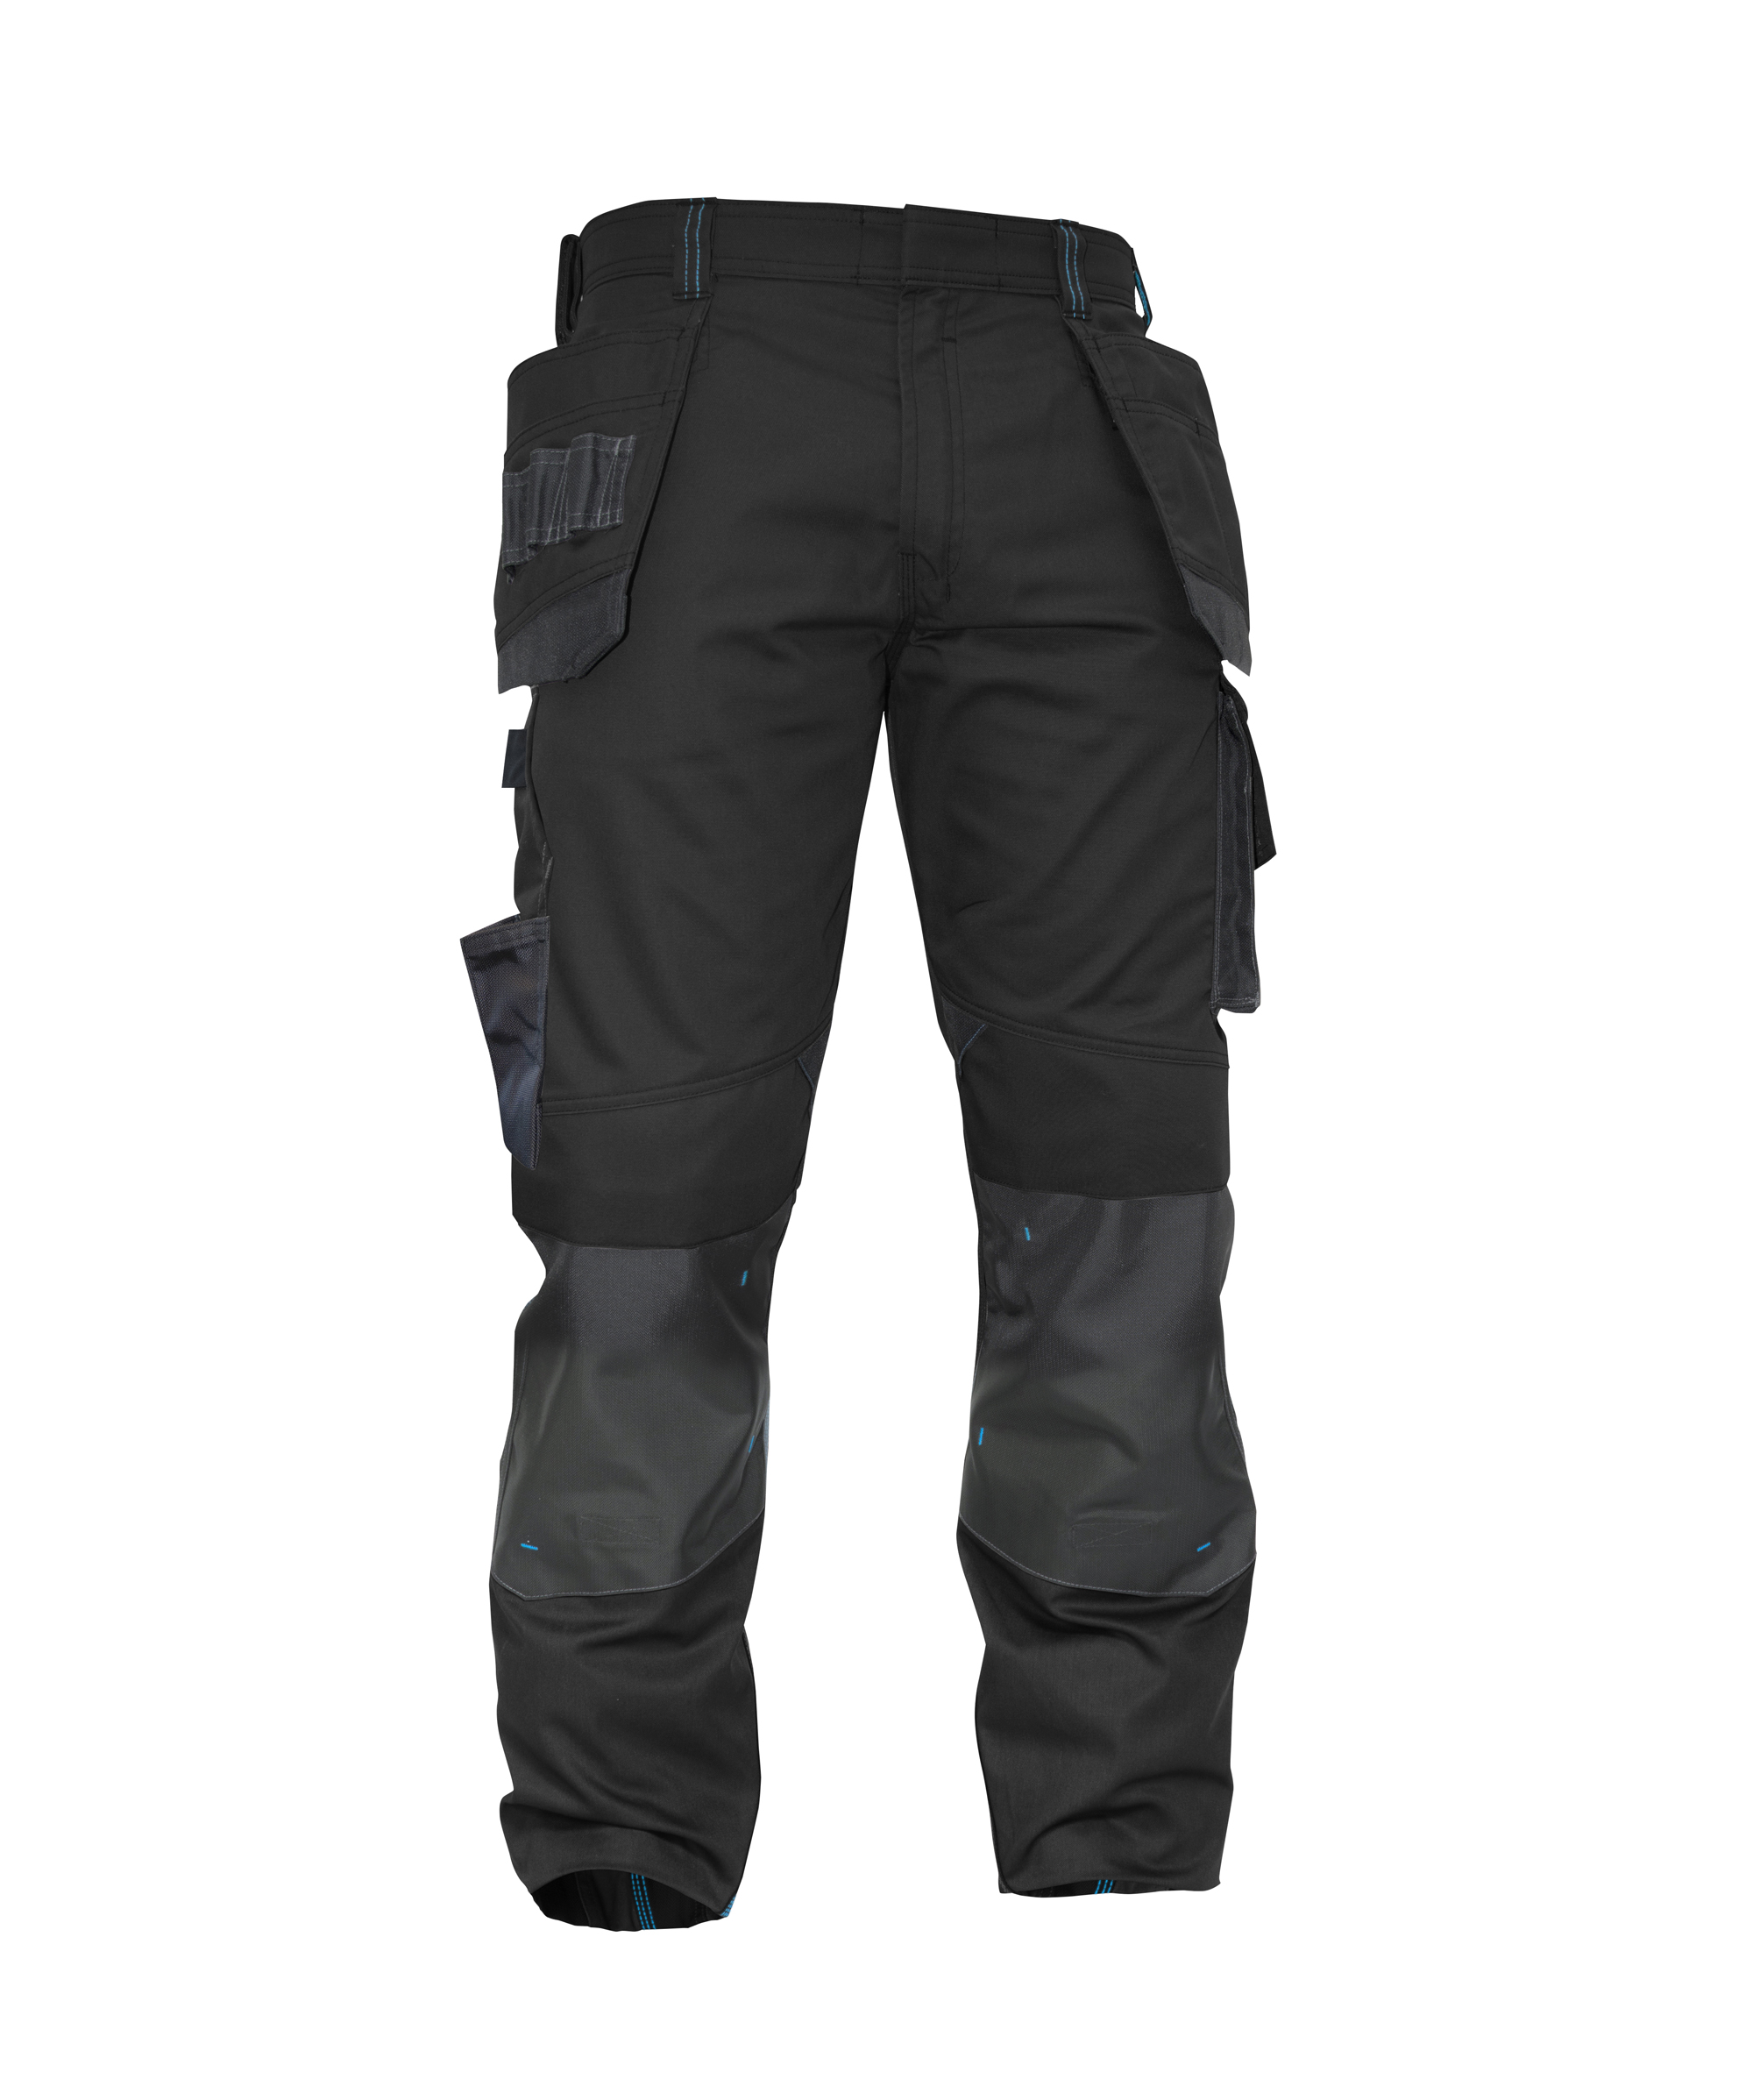 Dassy, Magnetic Bundhose mit Holstertaschen und Kniepolstertaschen 200908